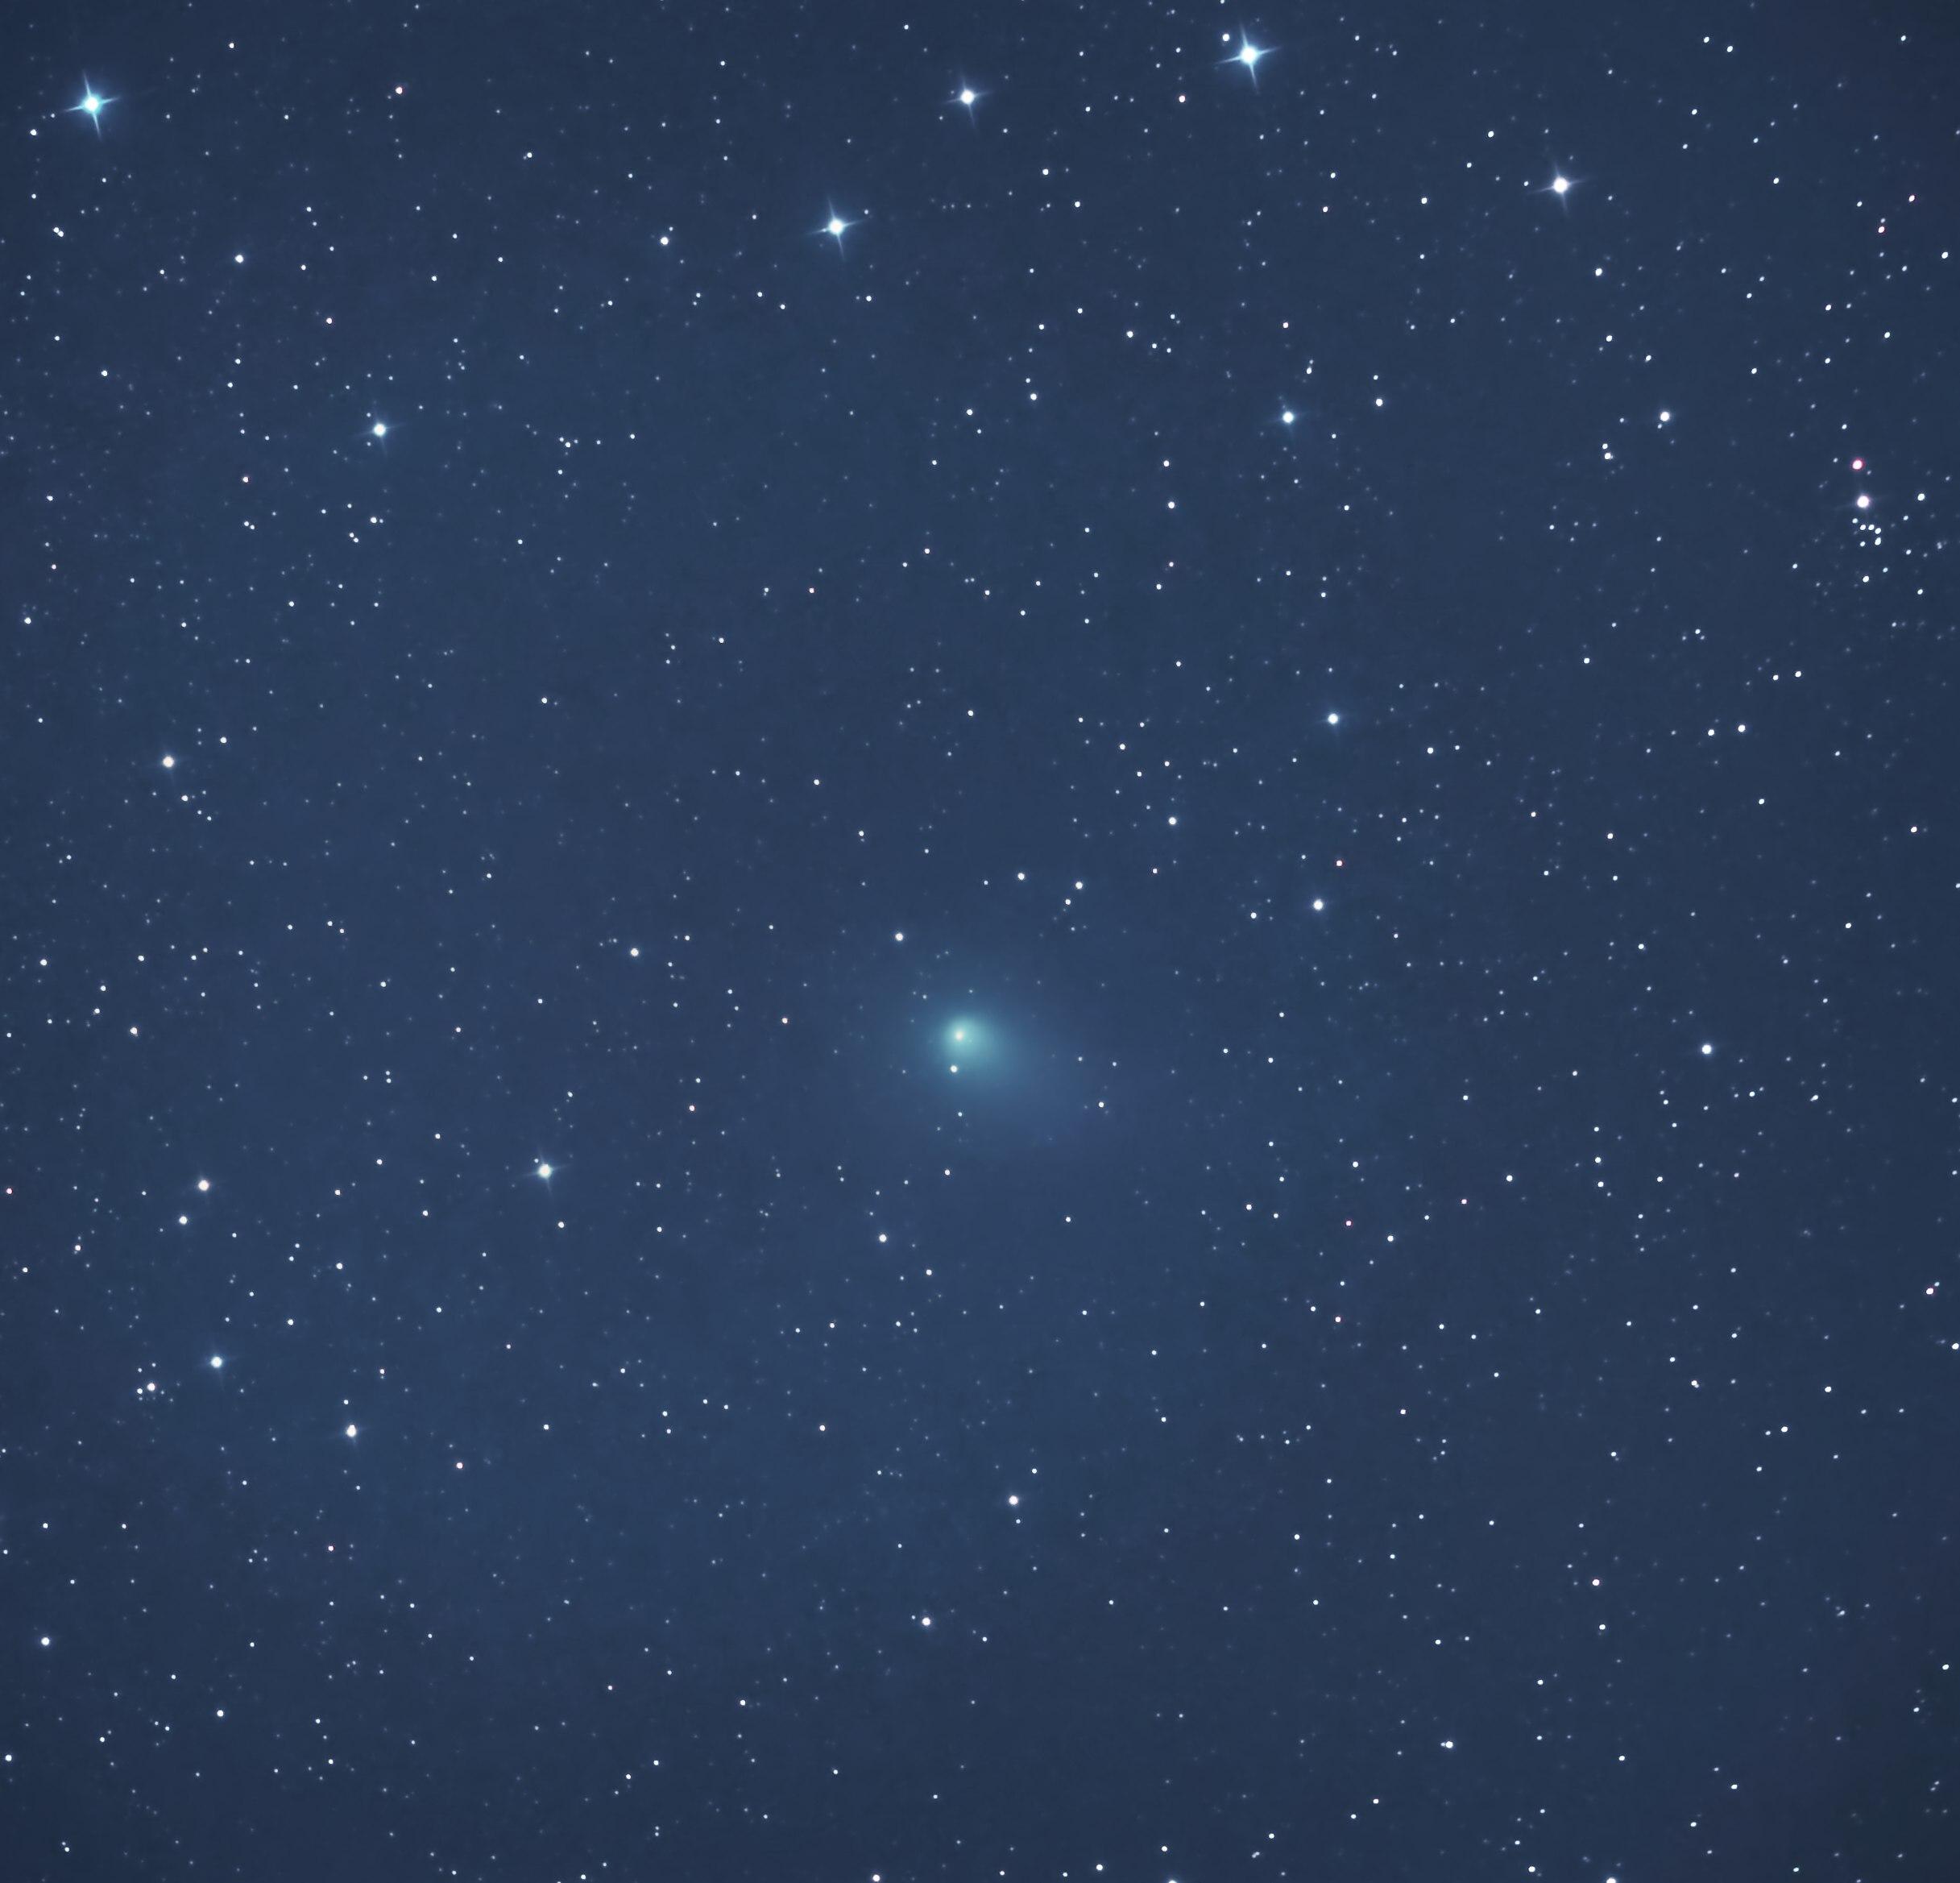 Der Komet PANSTARRS C/2017 T2